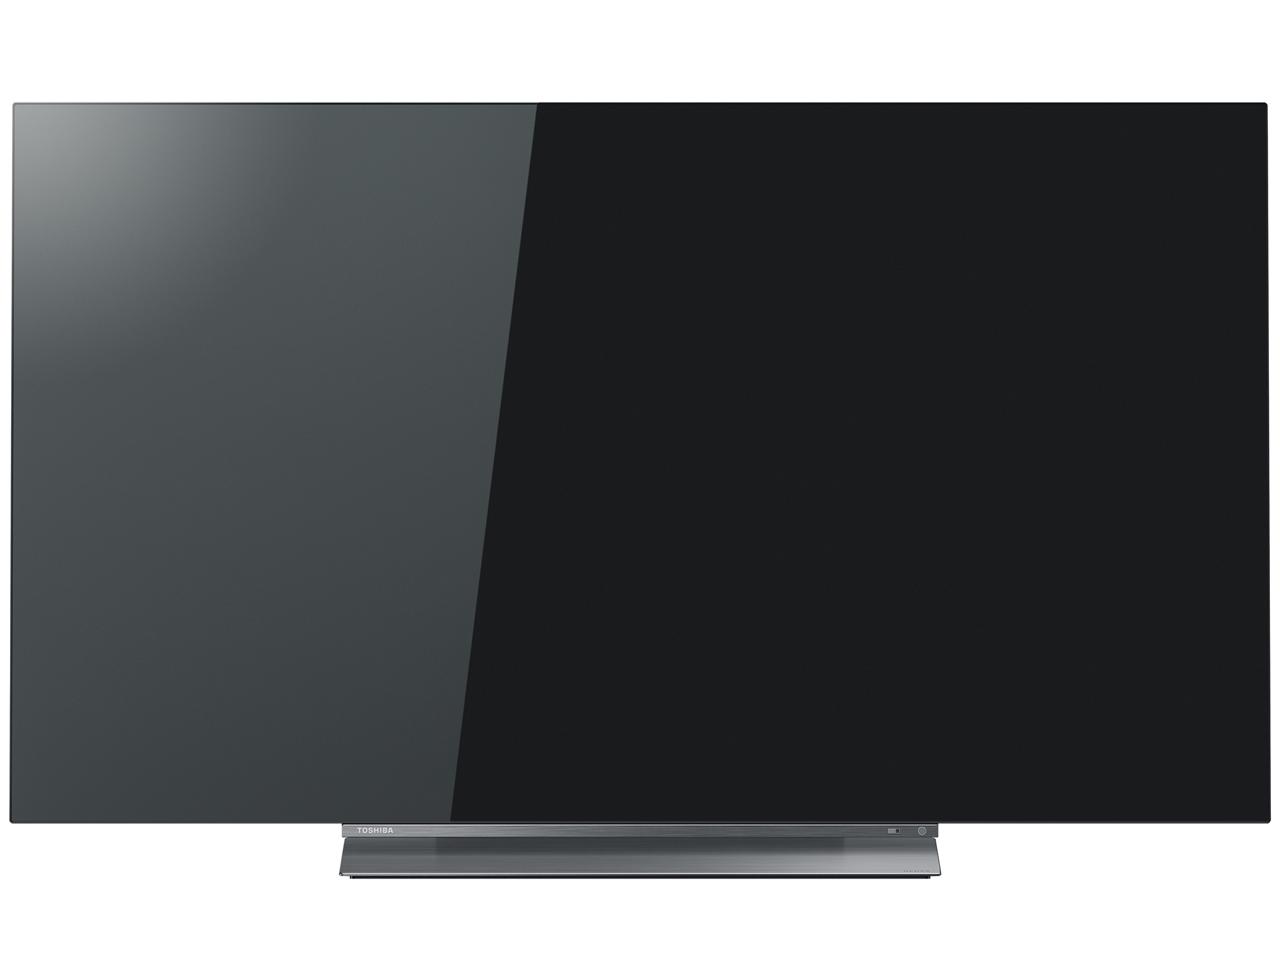 東芝 REGZA 55V型 有機ELパネル 地上・BS・110度CSデジタル4Kチューナー内蔵テレビ 55X830